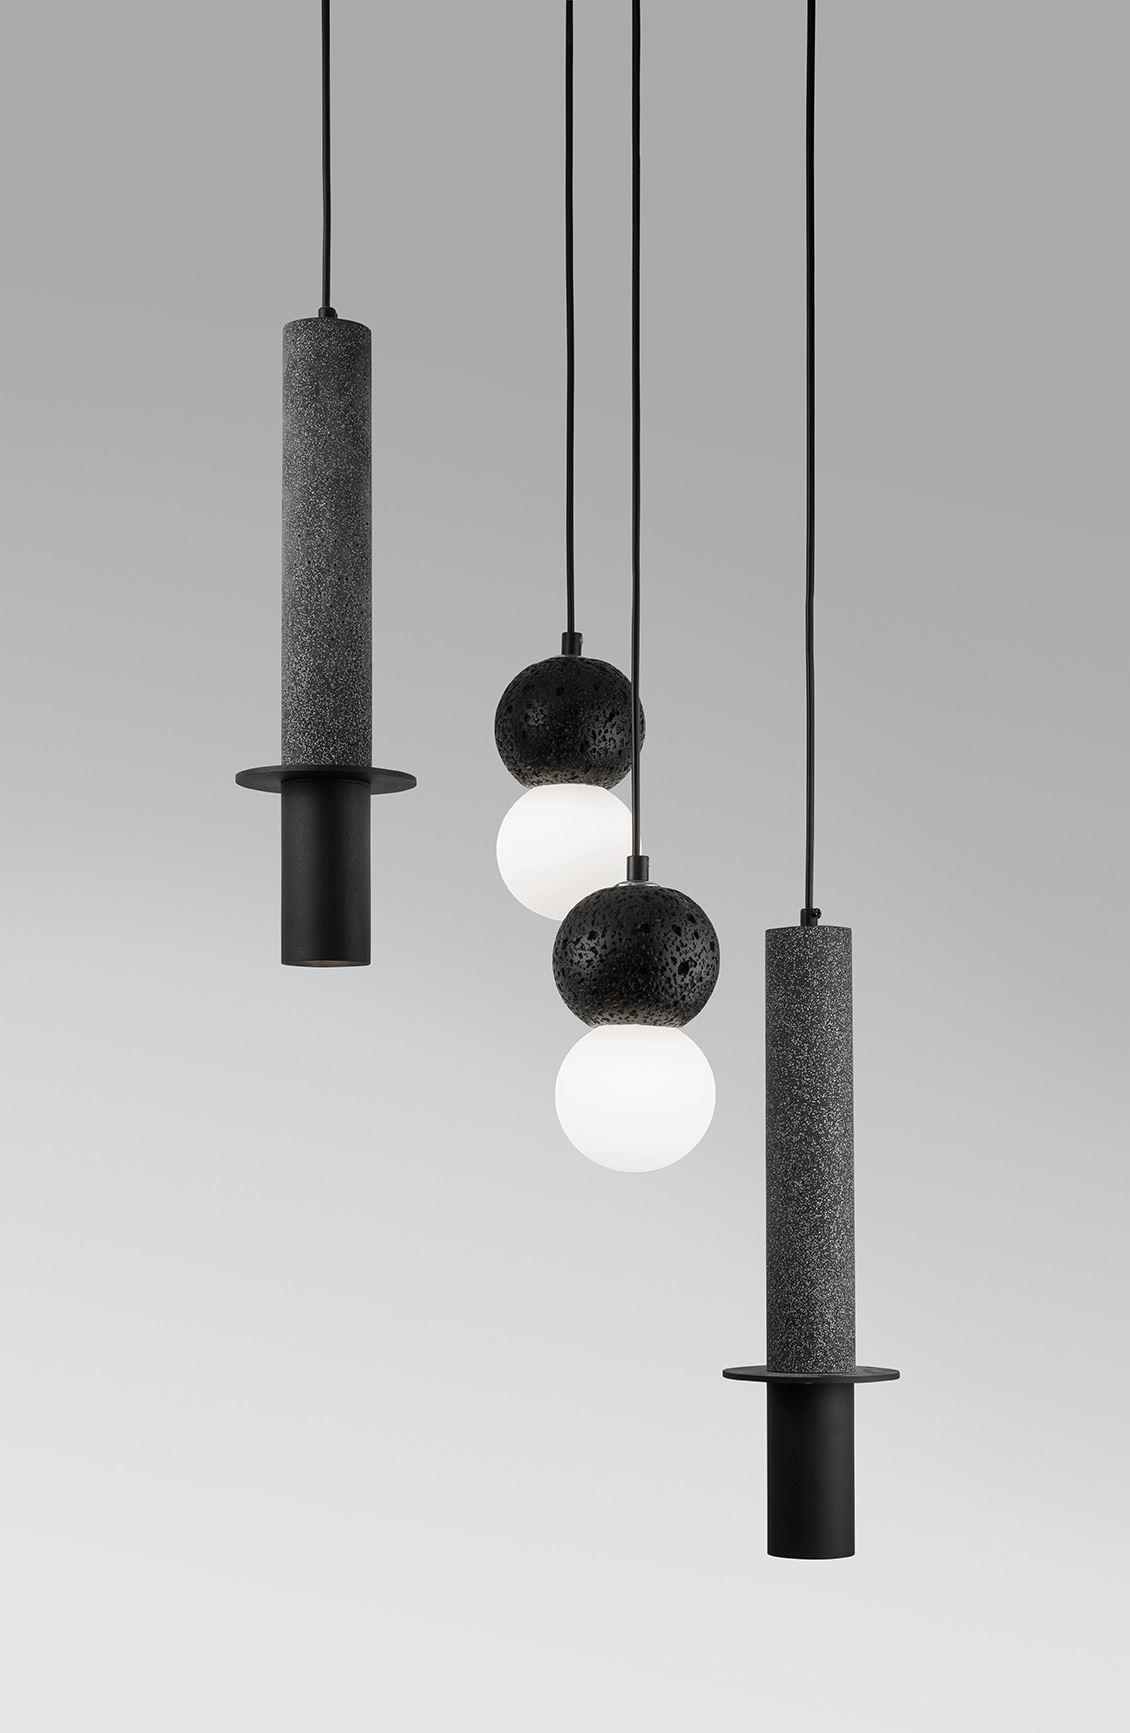 גופי תאורה בקטגוריית: צילינדרים  ,שם המוצר: אטרייה